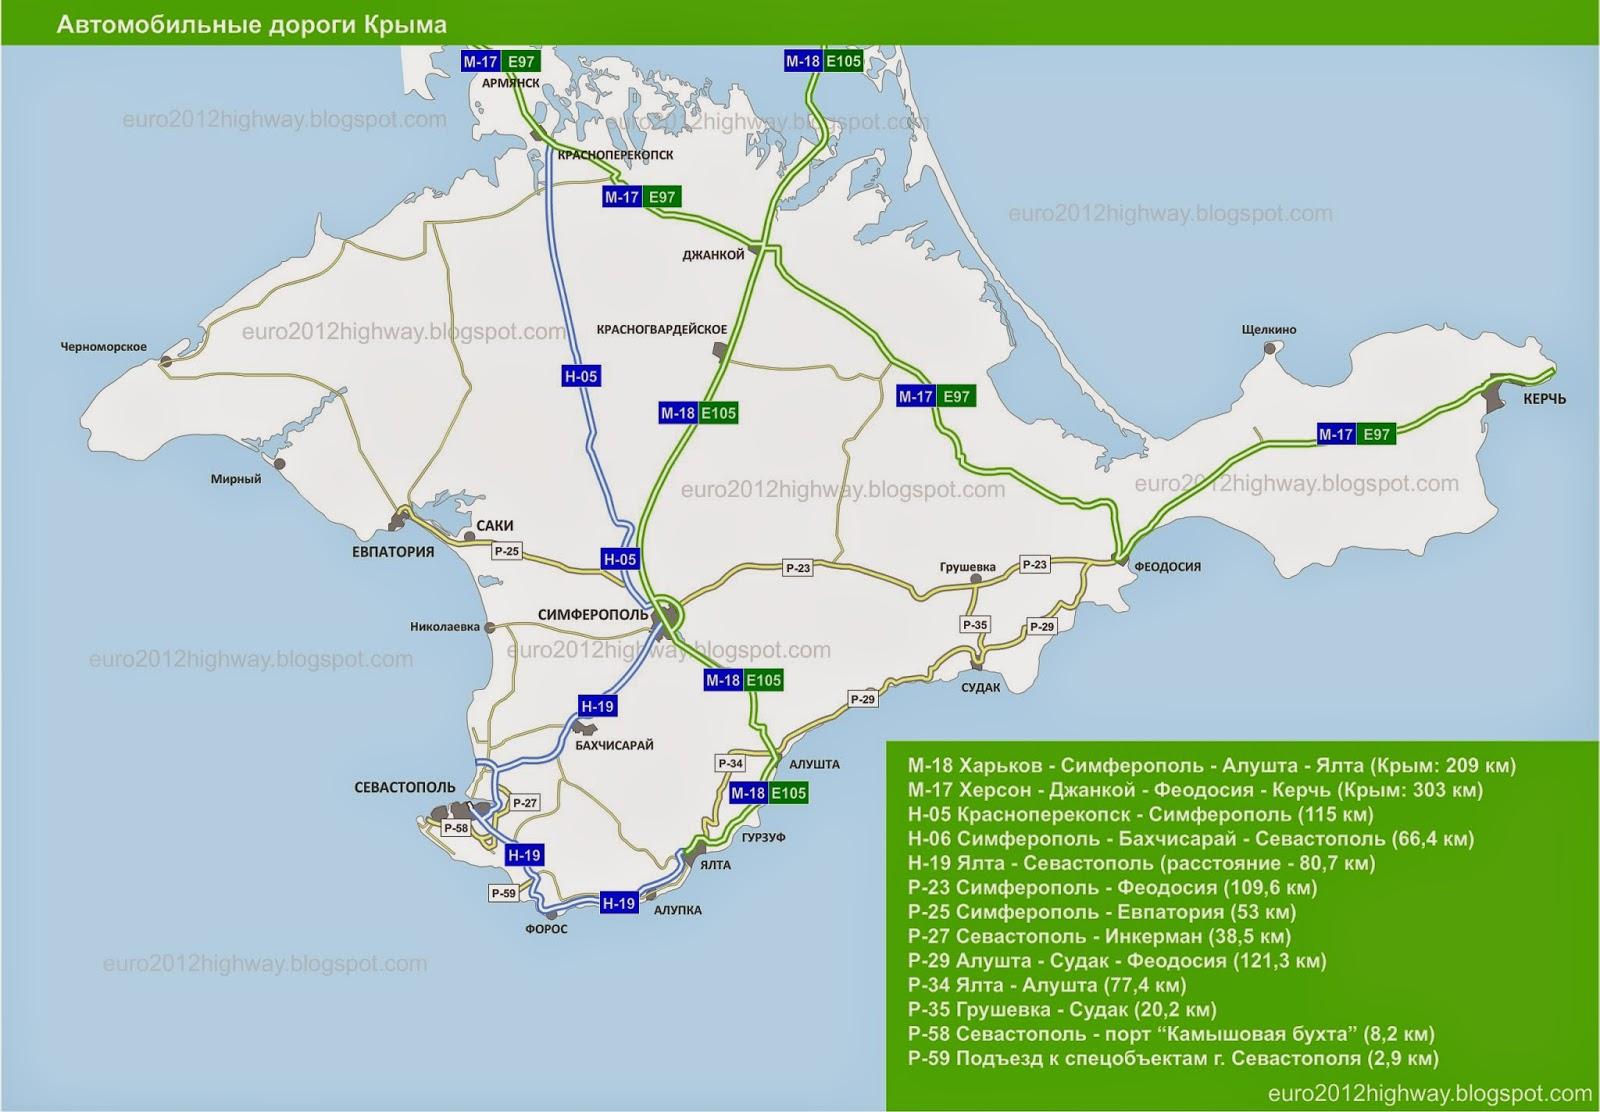 Карта автомобильных дорог Крыма